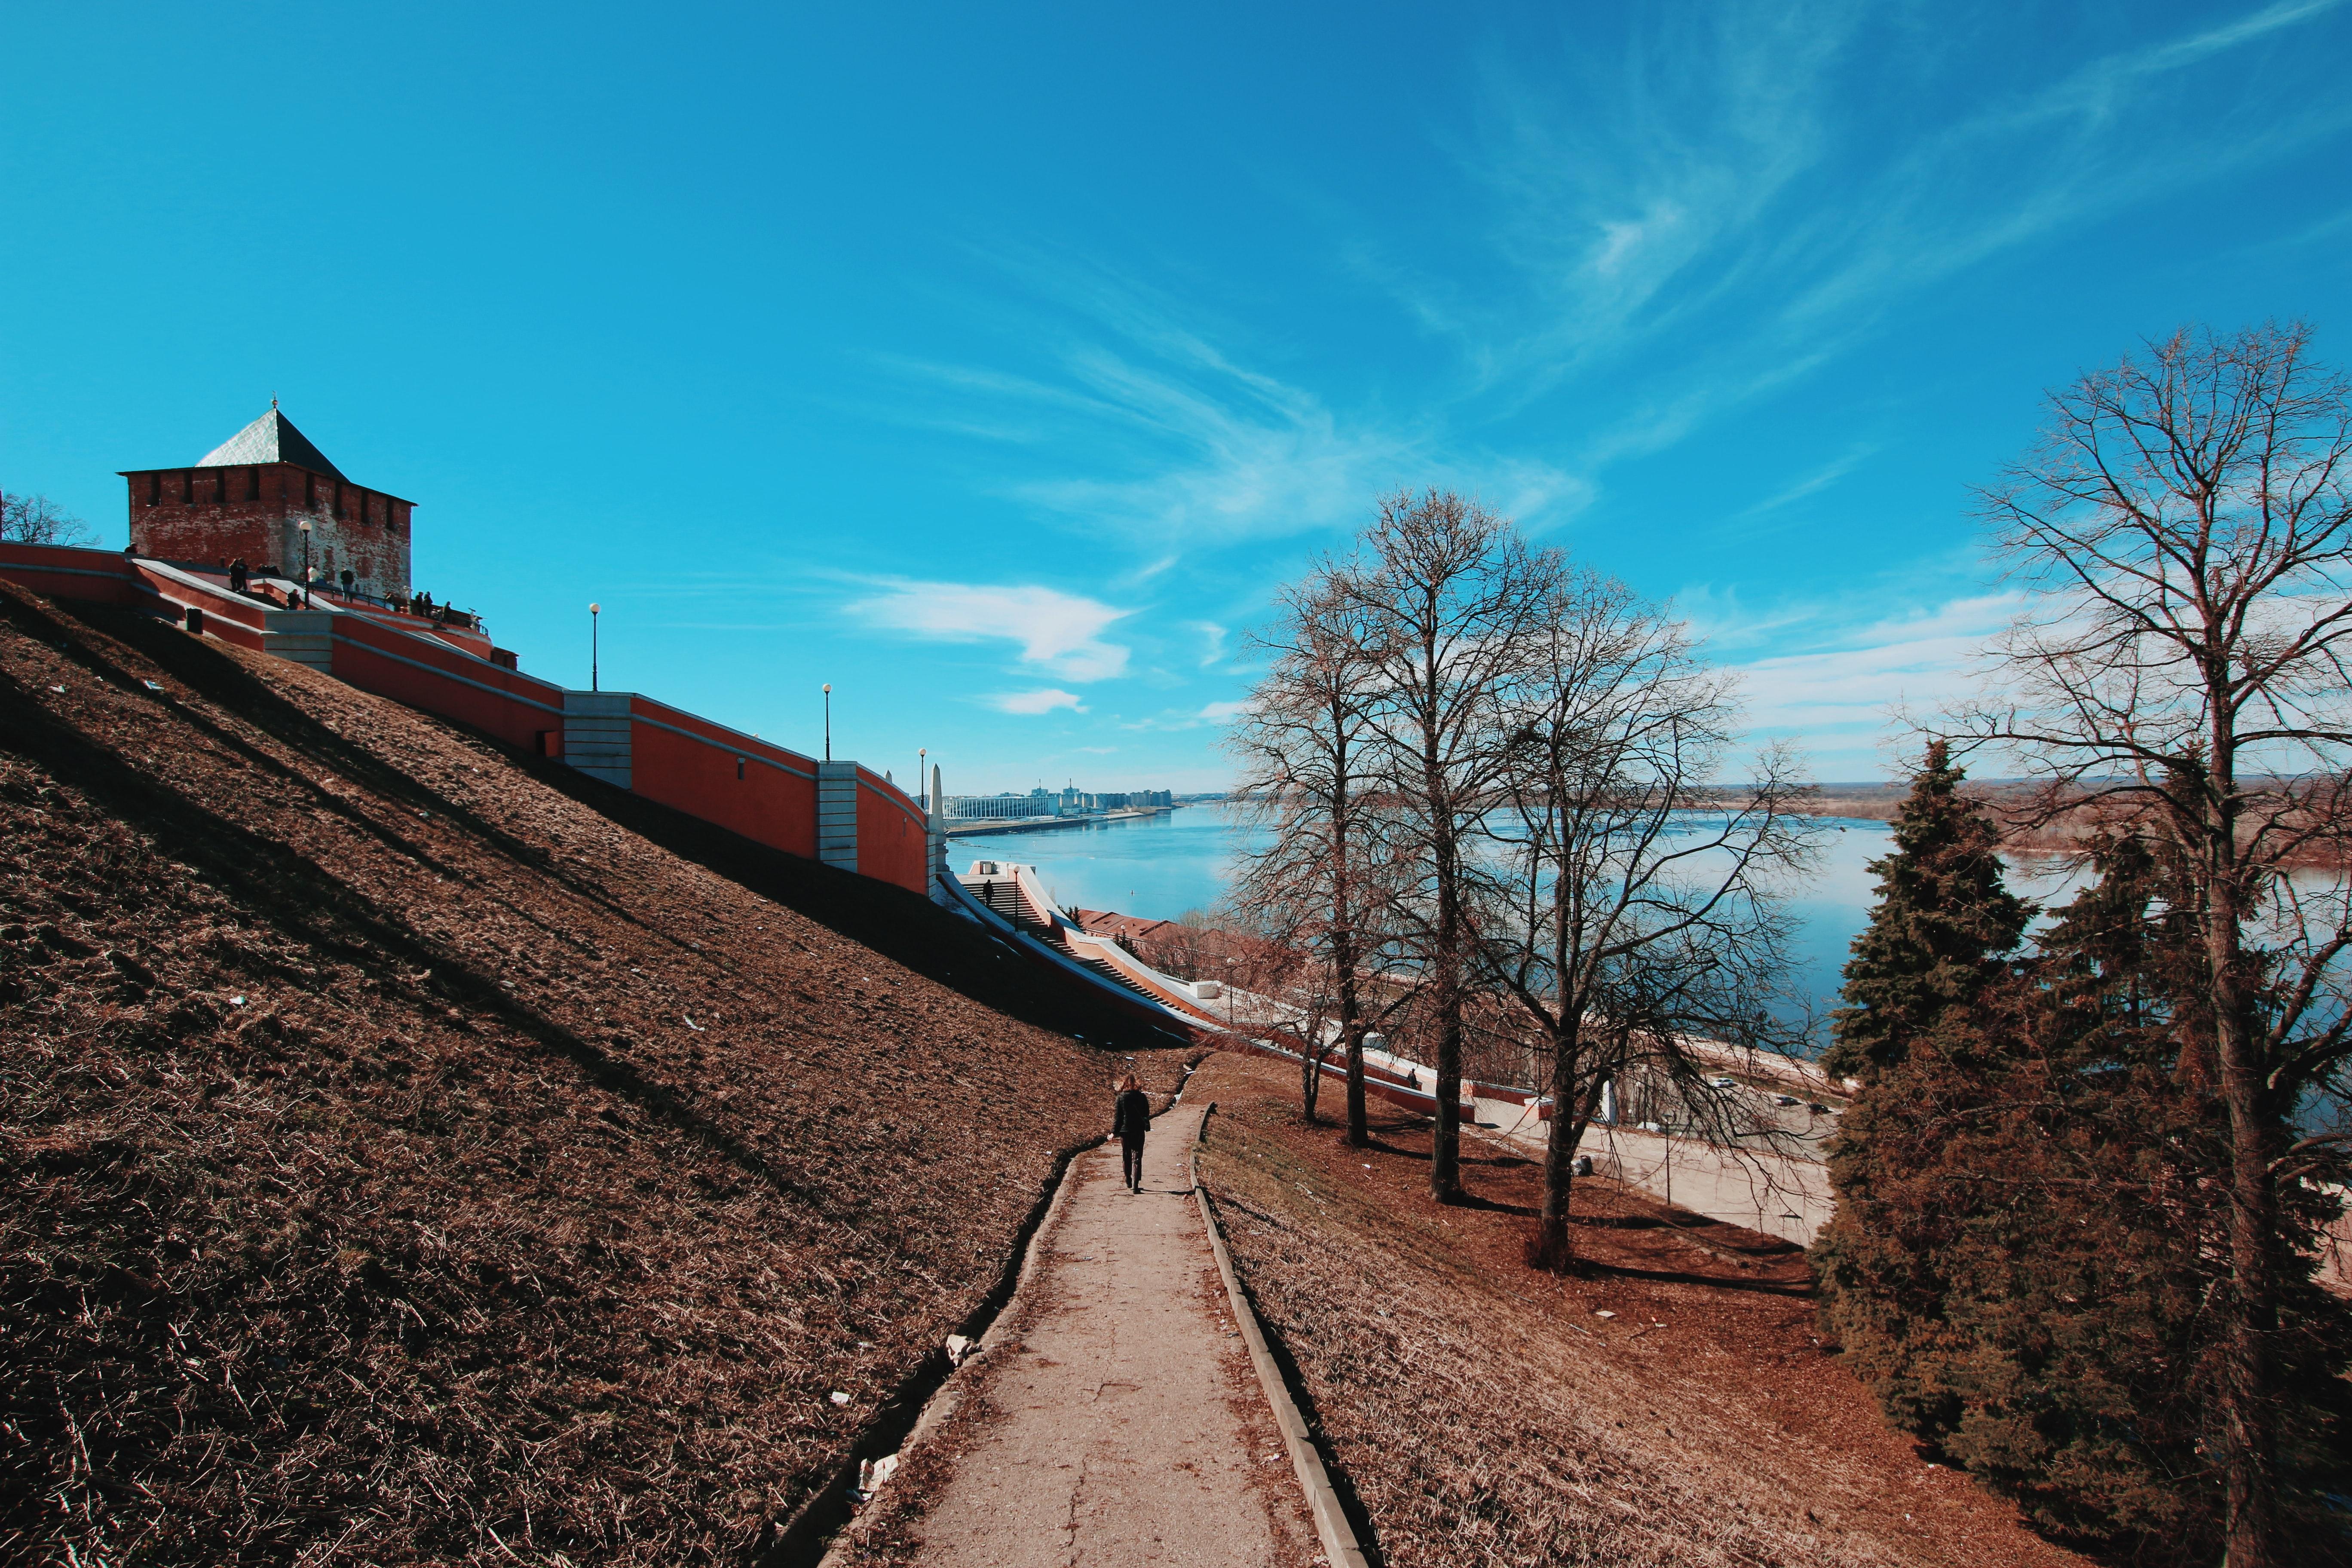 Нижний Новгород вошел в топ-10 городов для весеннего отдыха